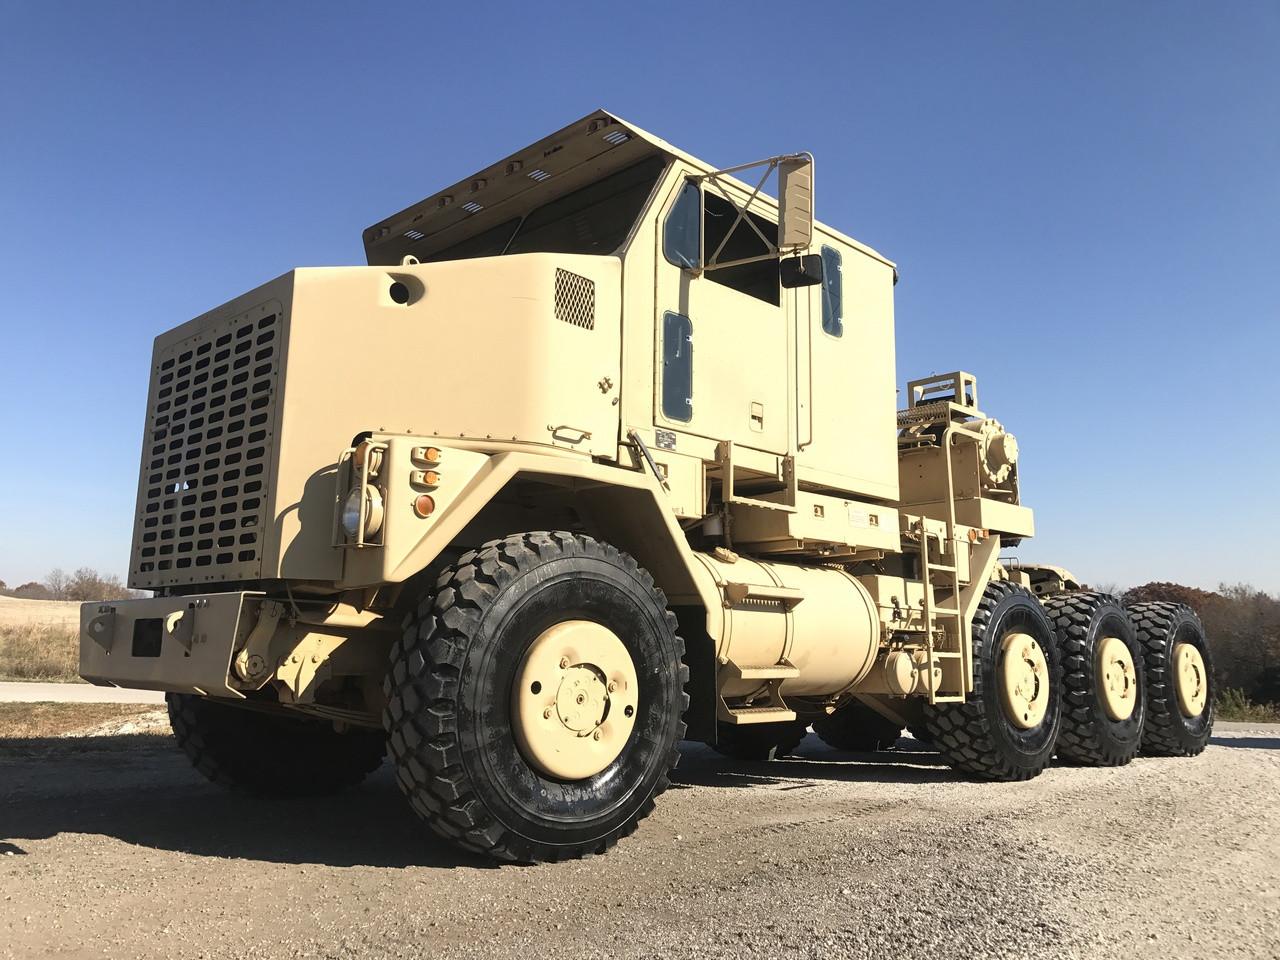 Oshkosh M1070 8x8 HET Military Heavy Haul Tractor Truck ...